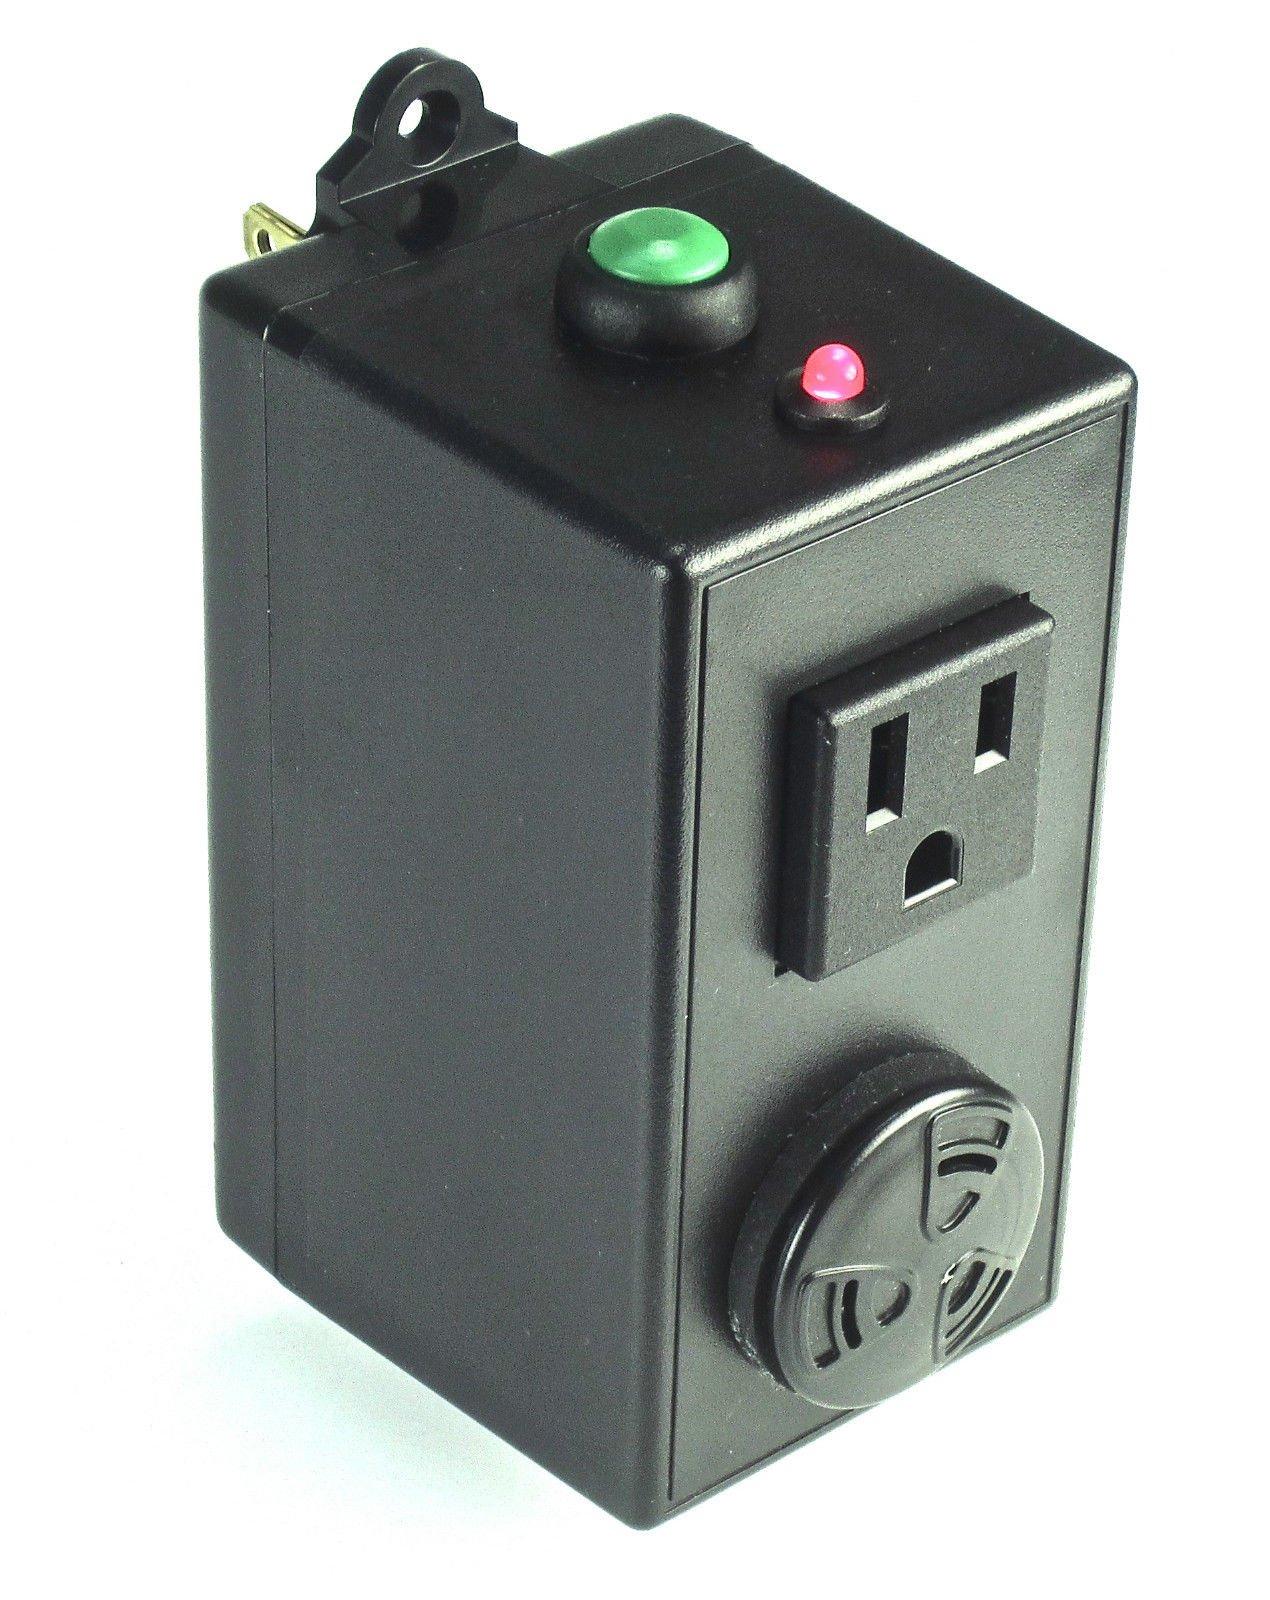 Power Failure Alarm - Loudest power fail alarm 103db